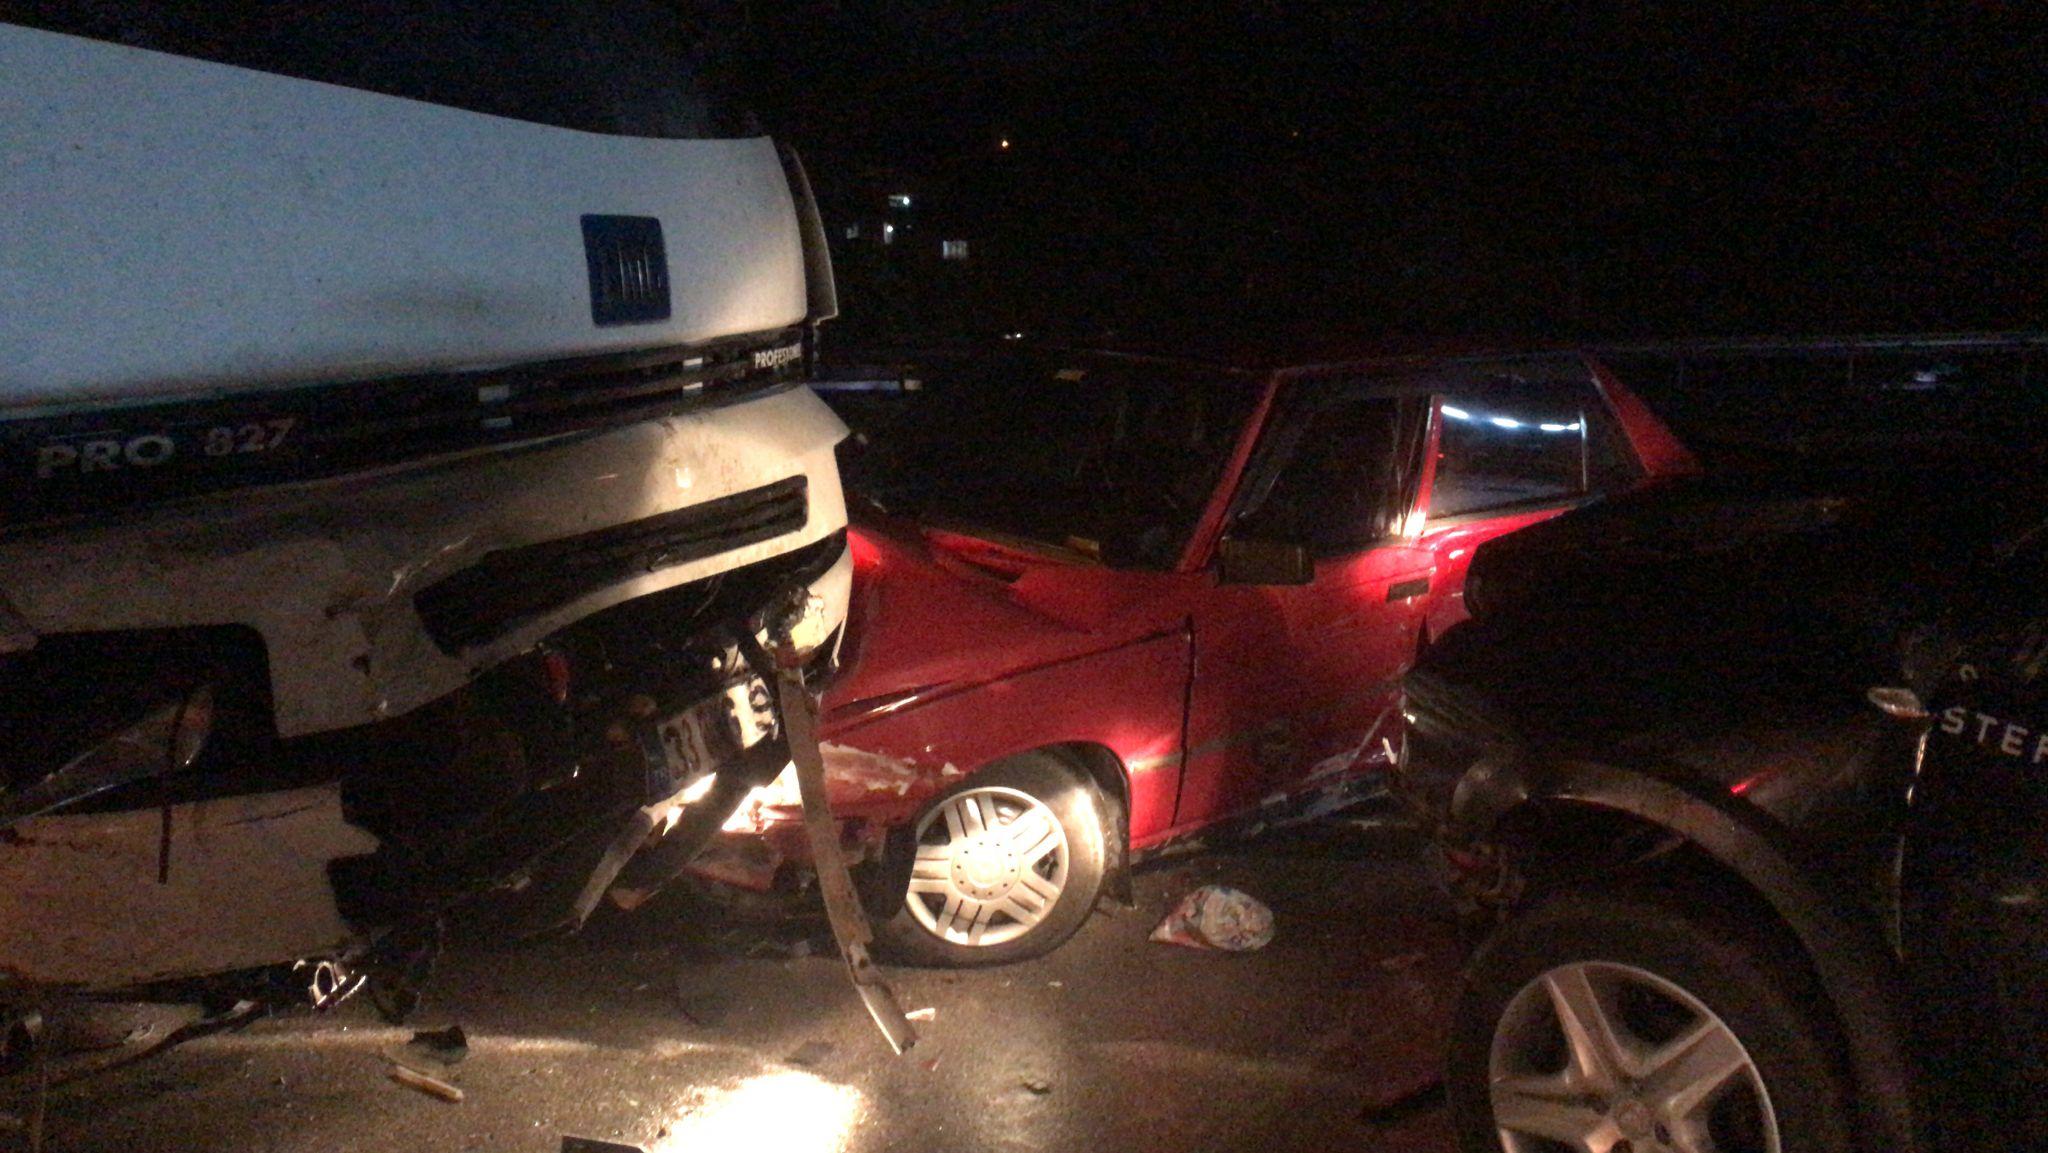 Sebze kamyonu Sapanca'da kaza yaptı, yaralılar var